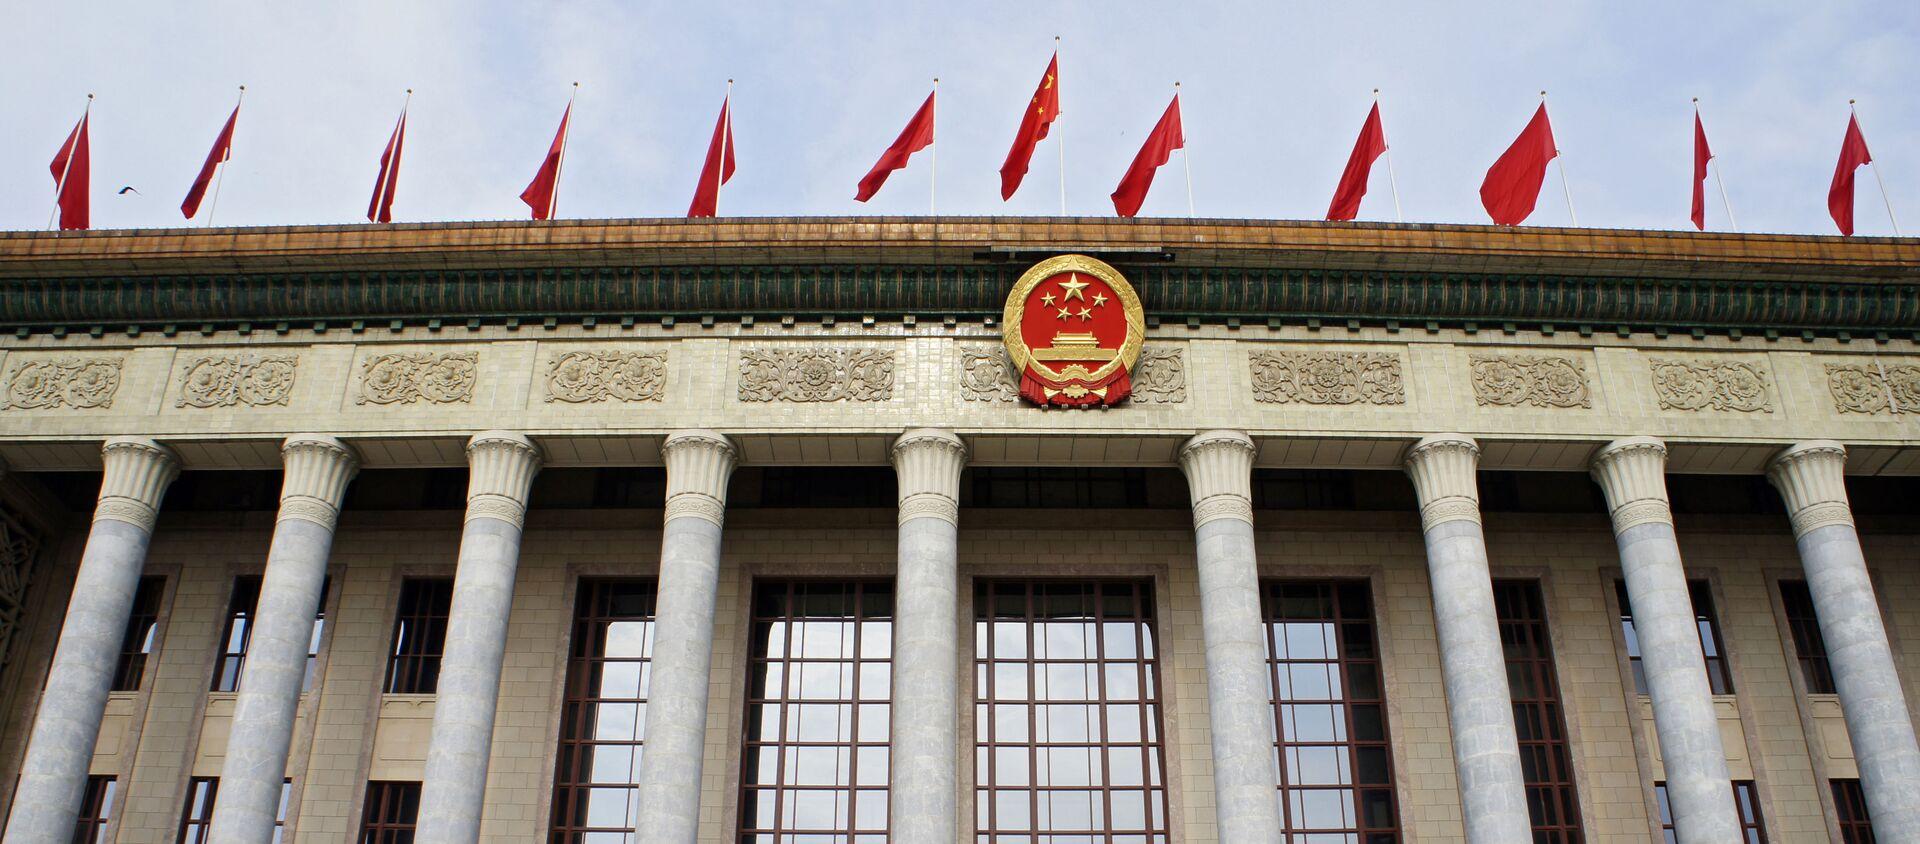 Budynek chińskiego parlamentu w Pekinie - Sputnik Polska, 1920, 10.06.2021